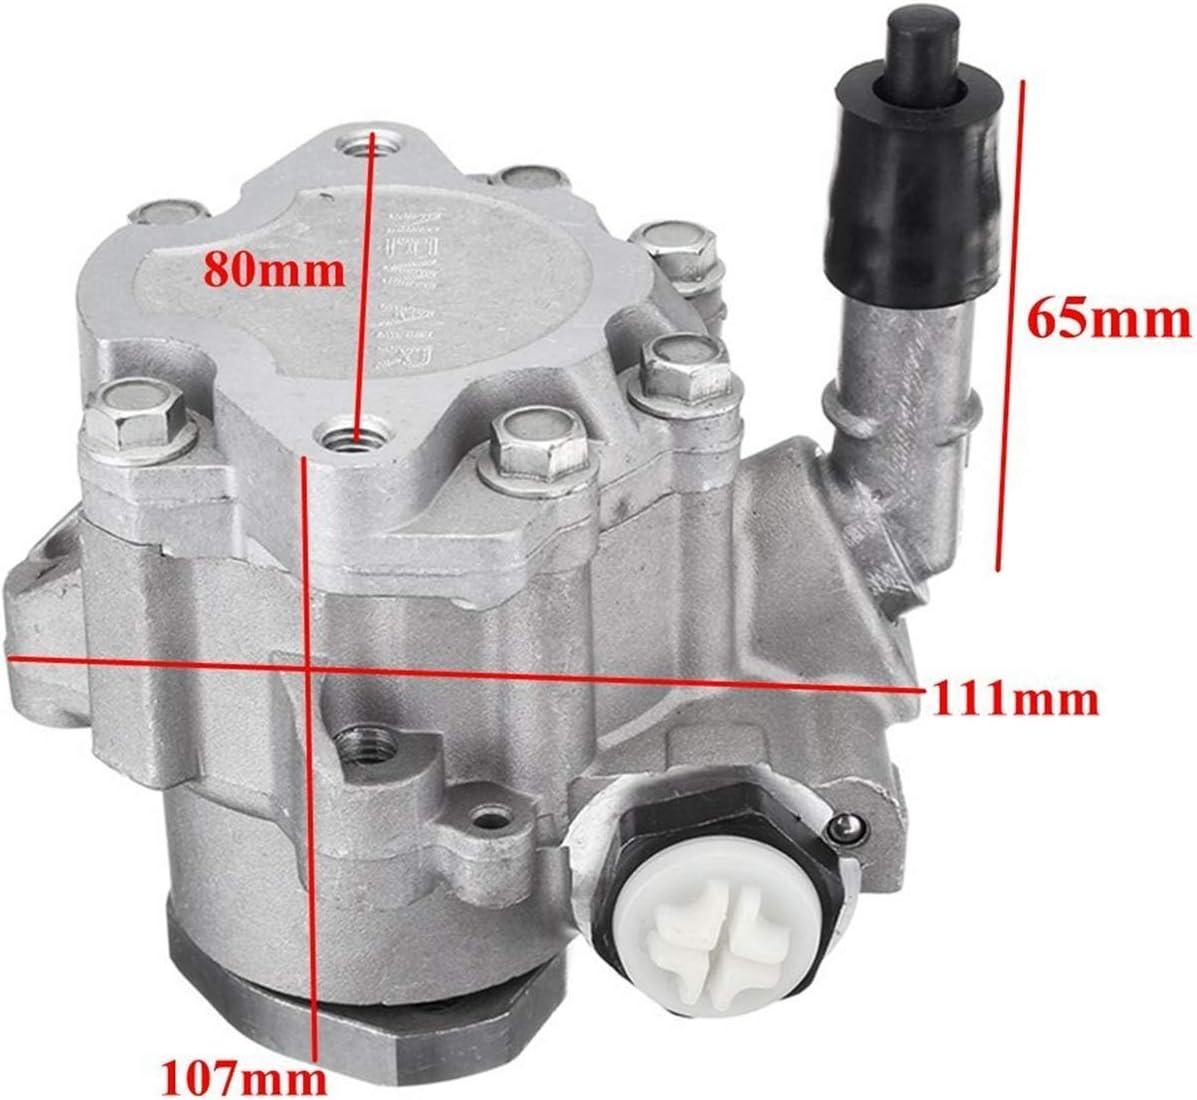 RJJX Direcci/ón asistida Bomba de Motor en Forma for el BMW Serie 3 E46 325i 328i # 32411094965